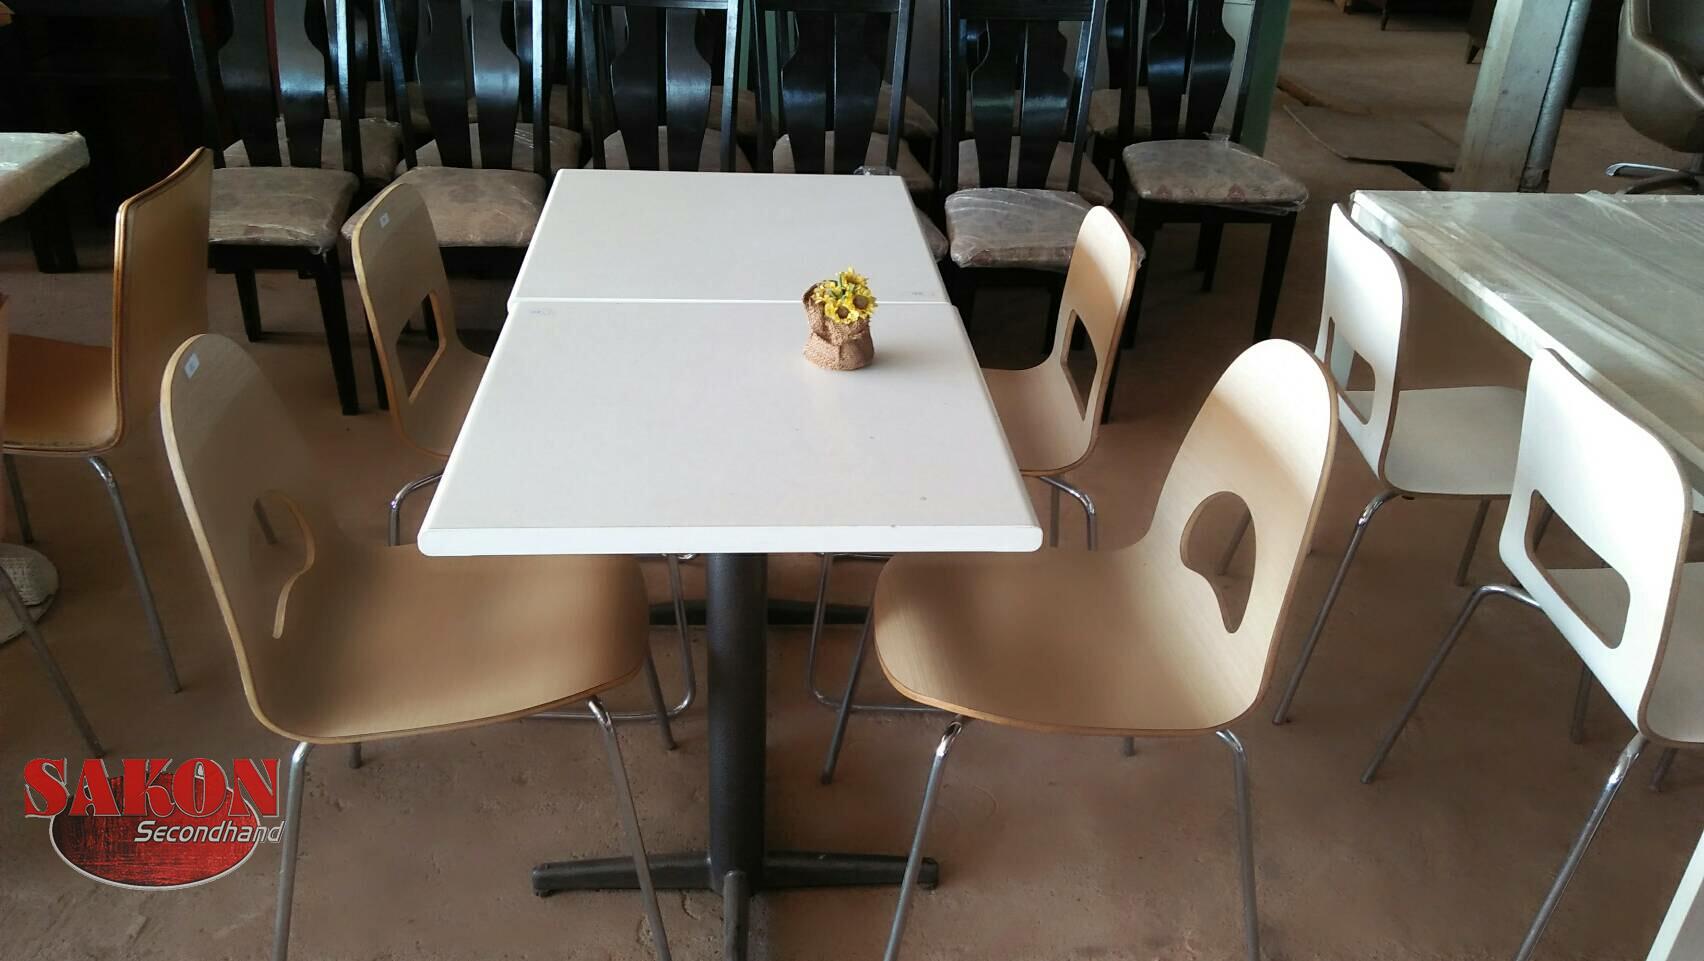 ชุดโต๊ะทำงานออฟฟิศ